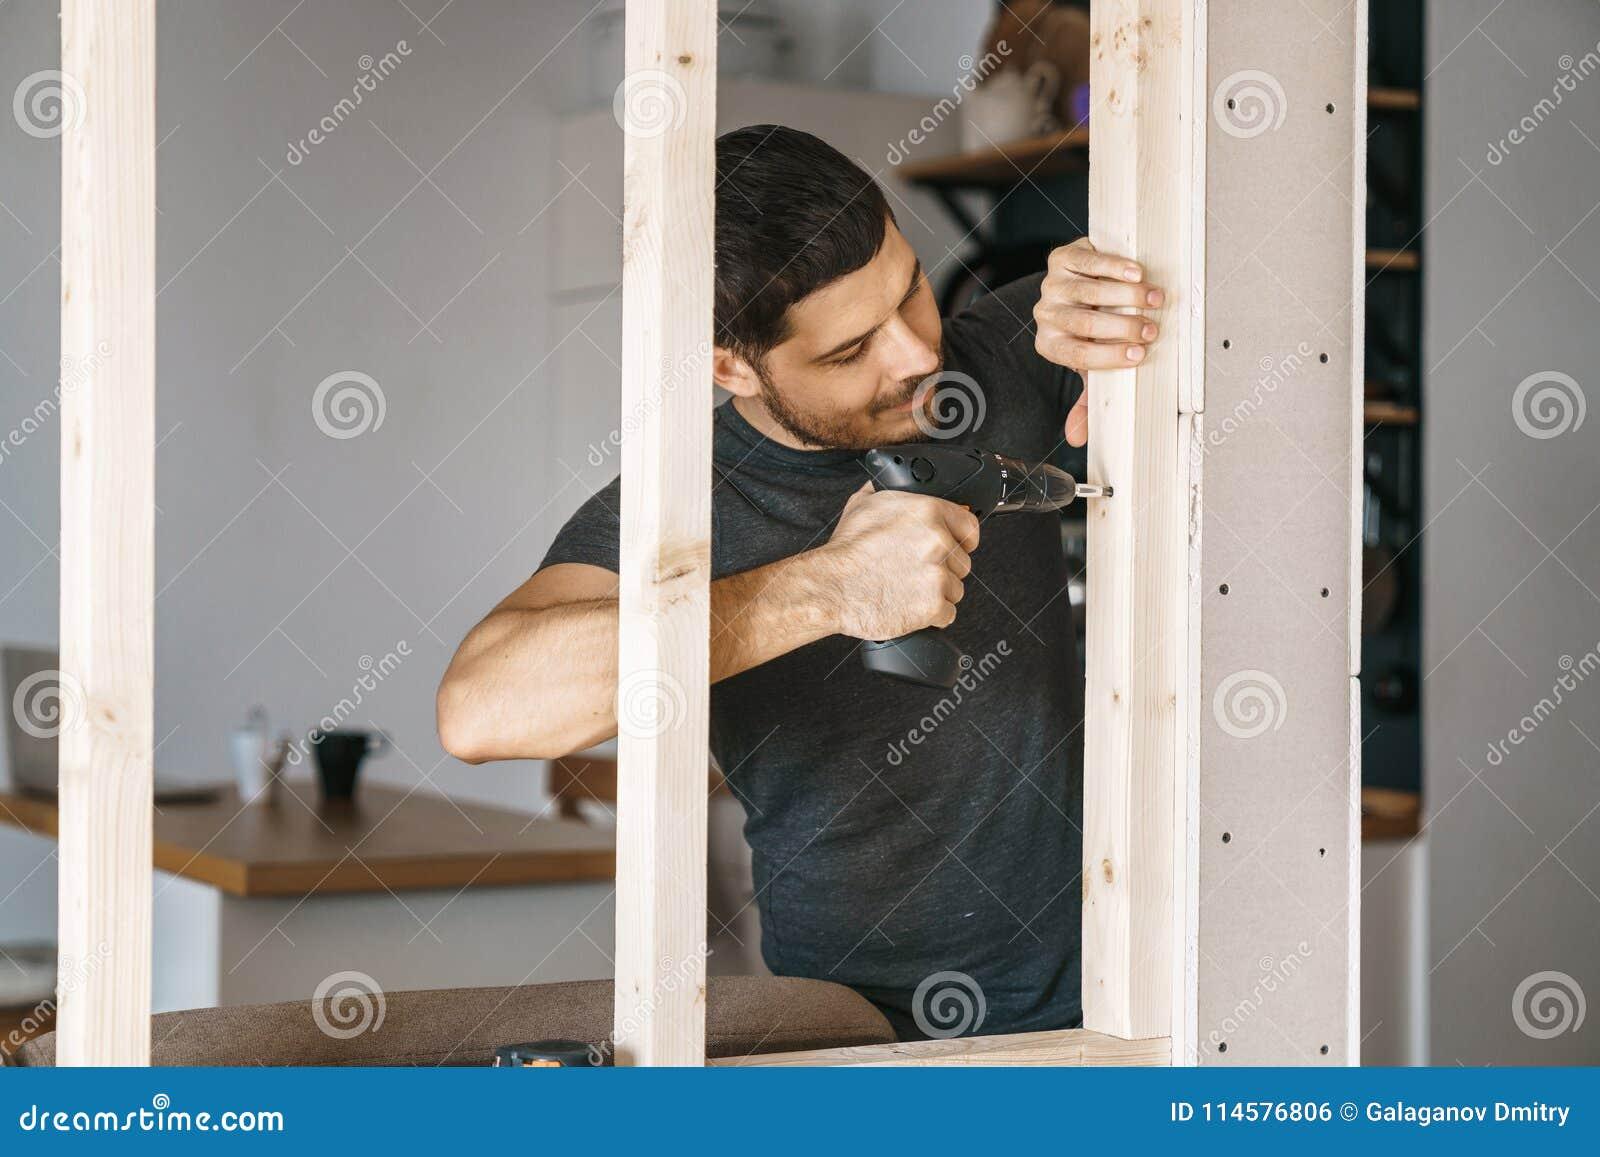 Het portret van een mens in huiskleren met een schroevedraaier in zijn hand bevestigt een houtconstructie voor een venster in zij